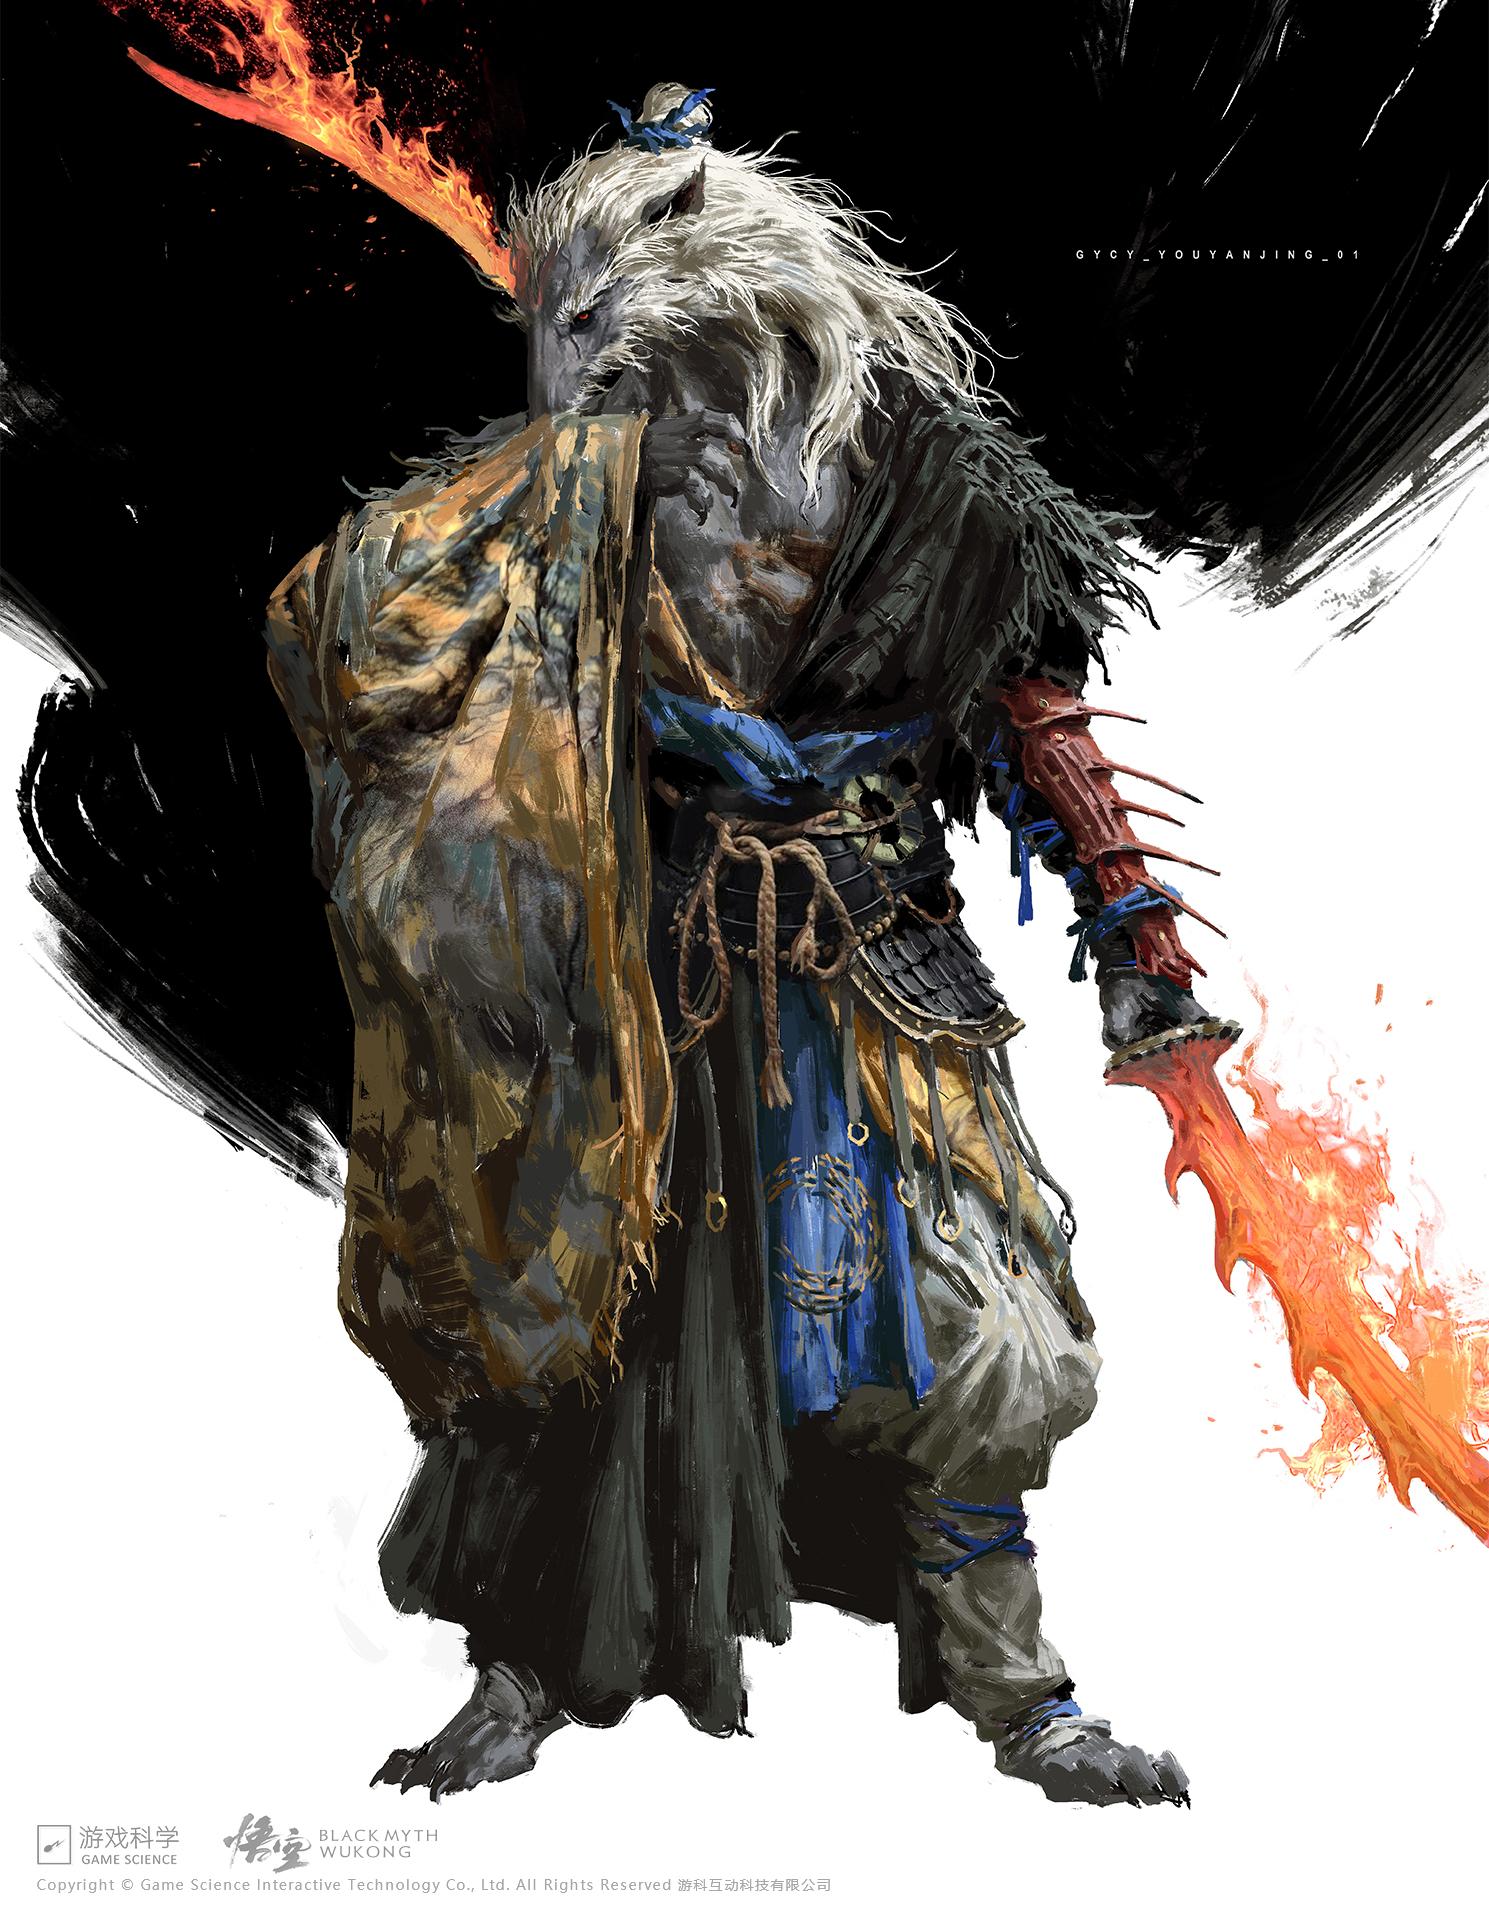 Black Myth: Wu Kong annunciato per Console e PC 29